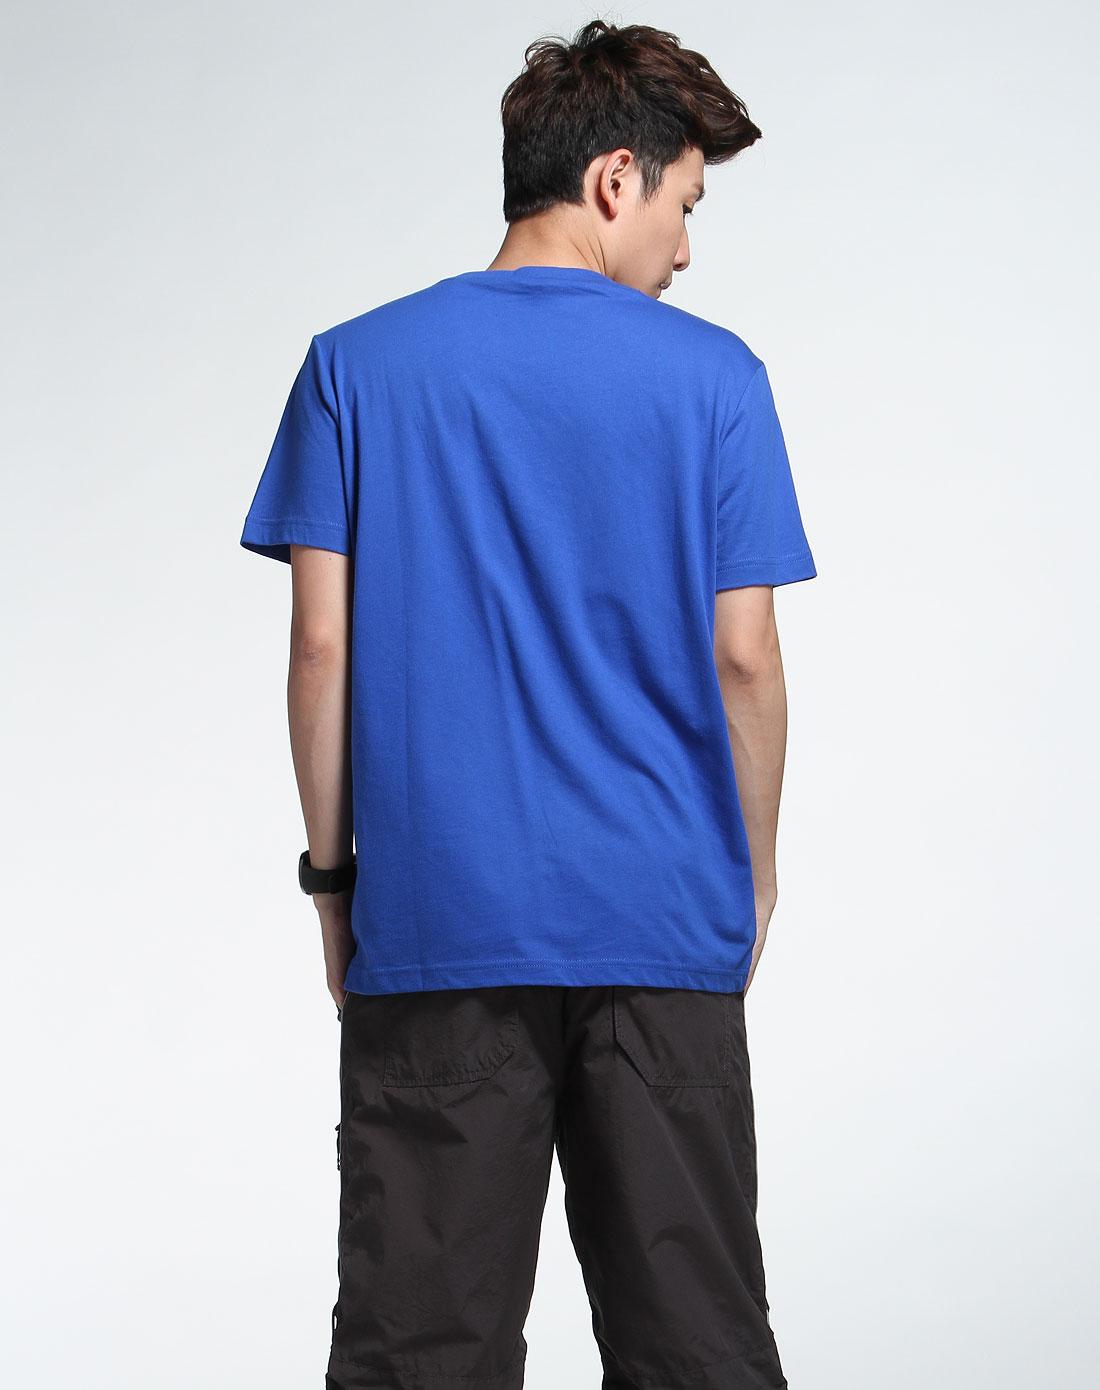 森马男装专场-湖蓝色印字圆领短袖t恤图片